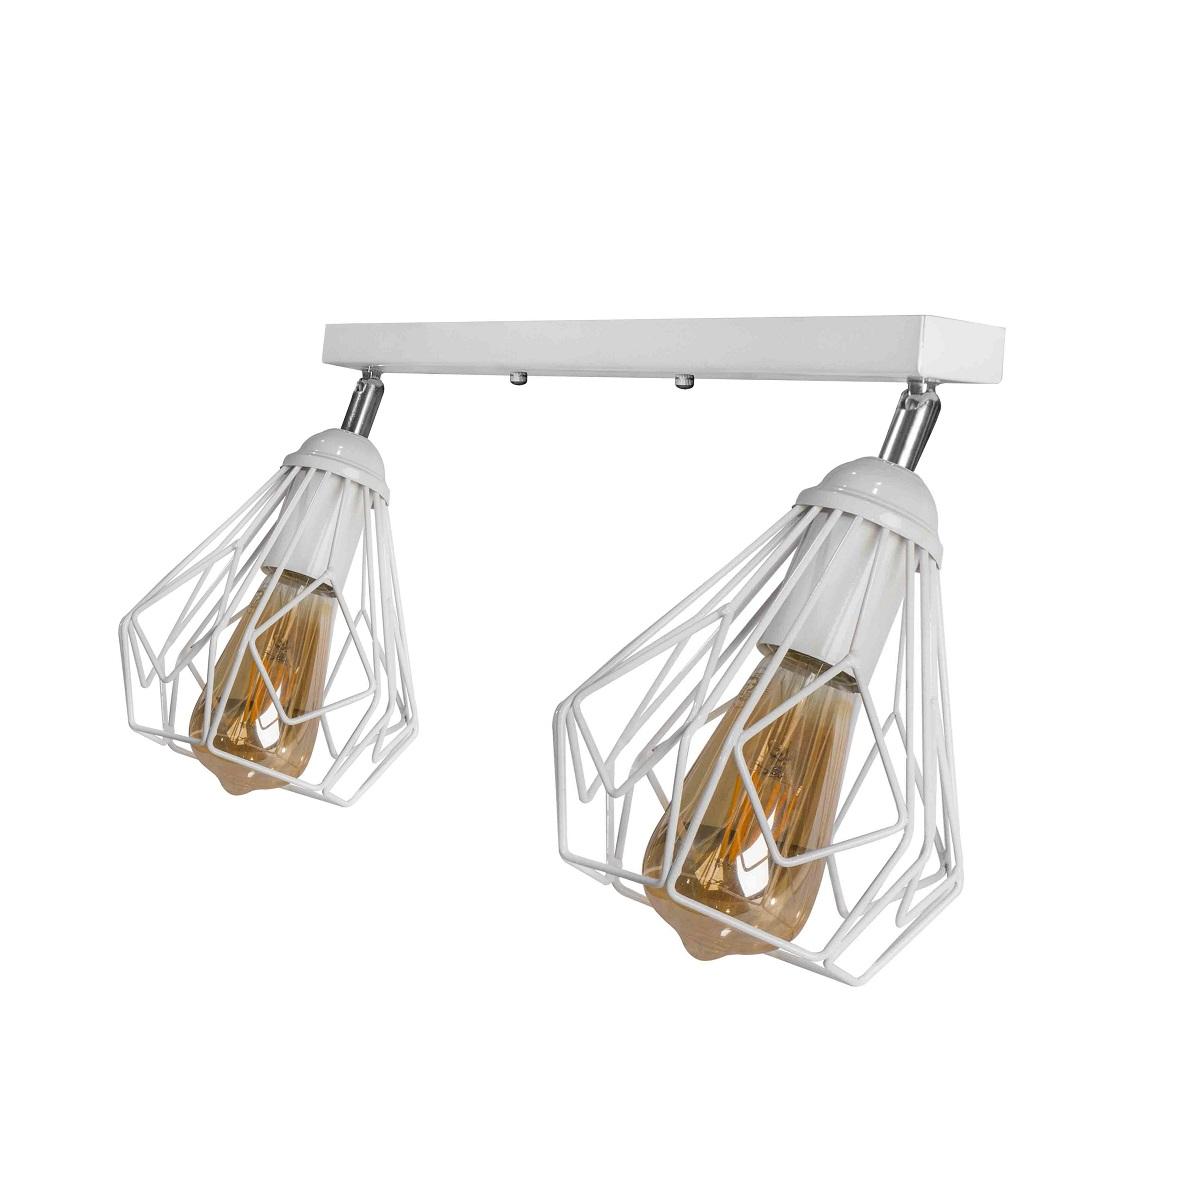 Светильники ЛОФТ - Люстра лофт потолочная с поворотным плафоном 000002784 - Фото 3